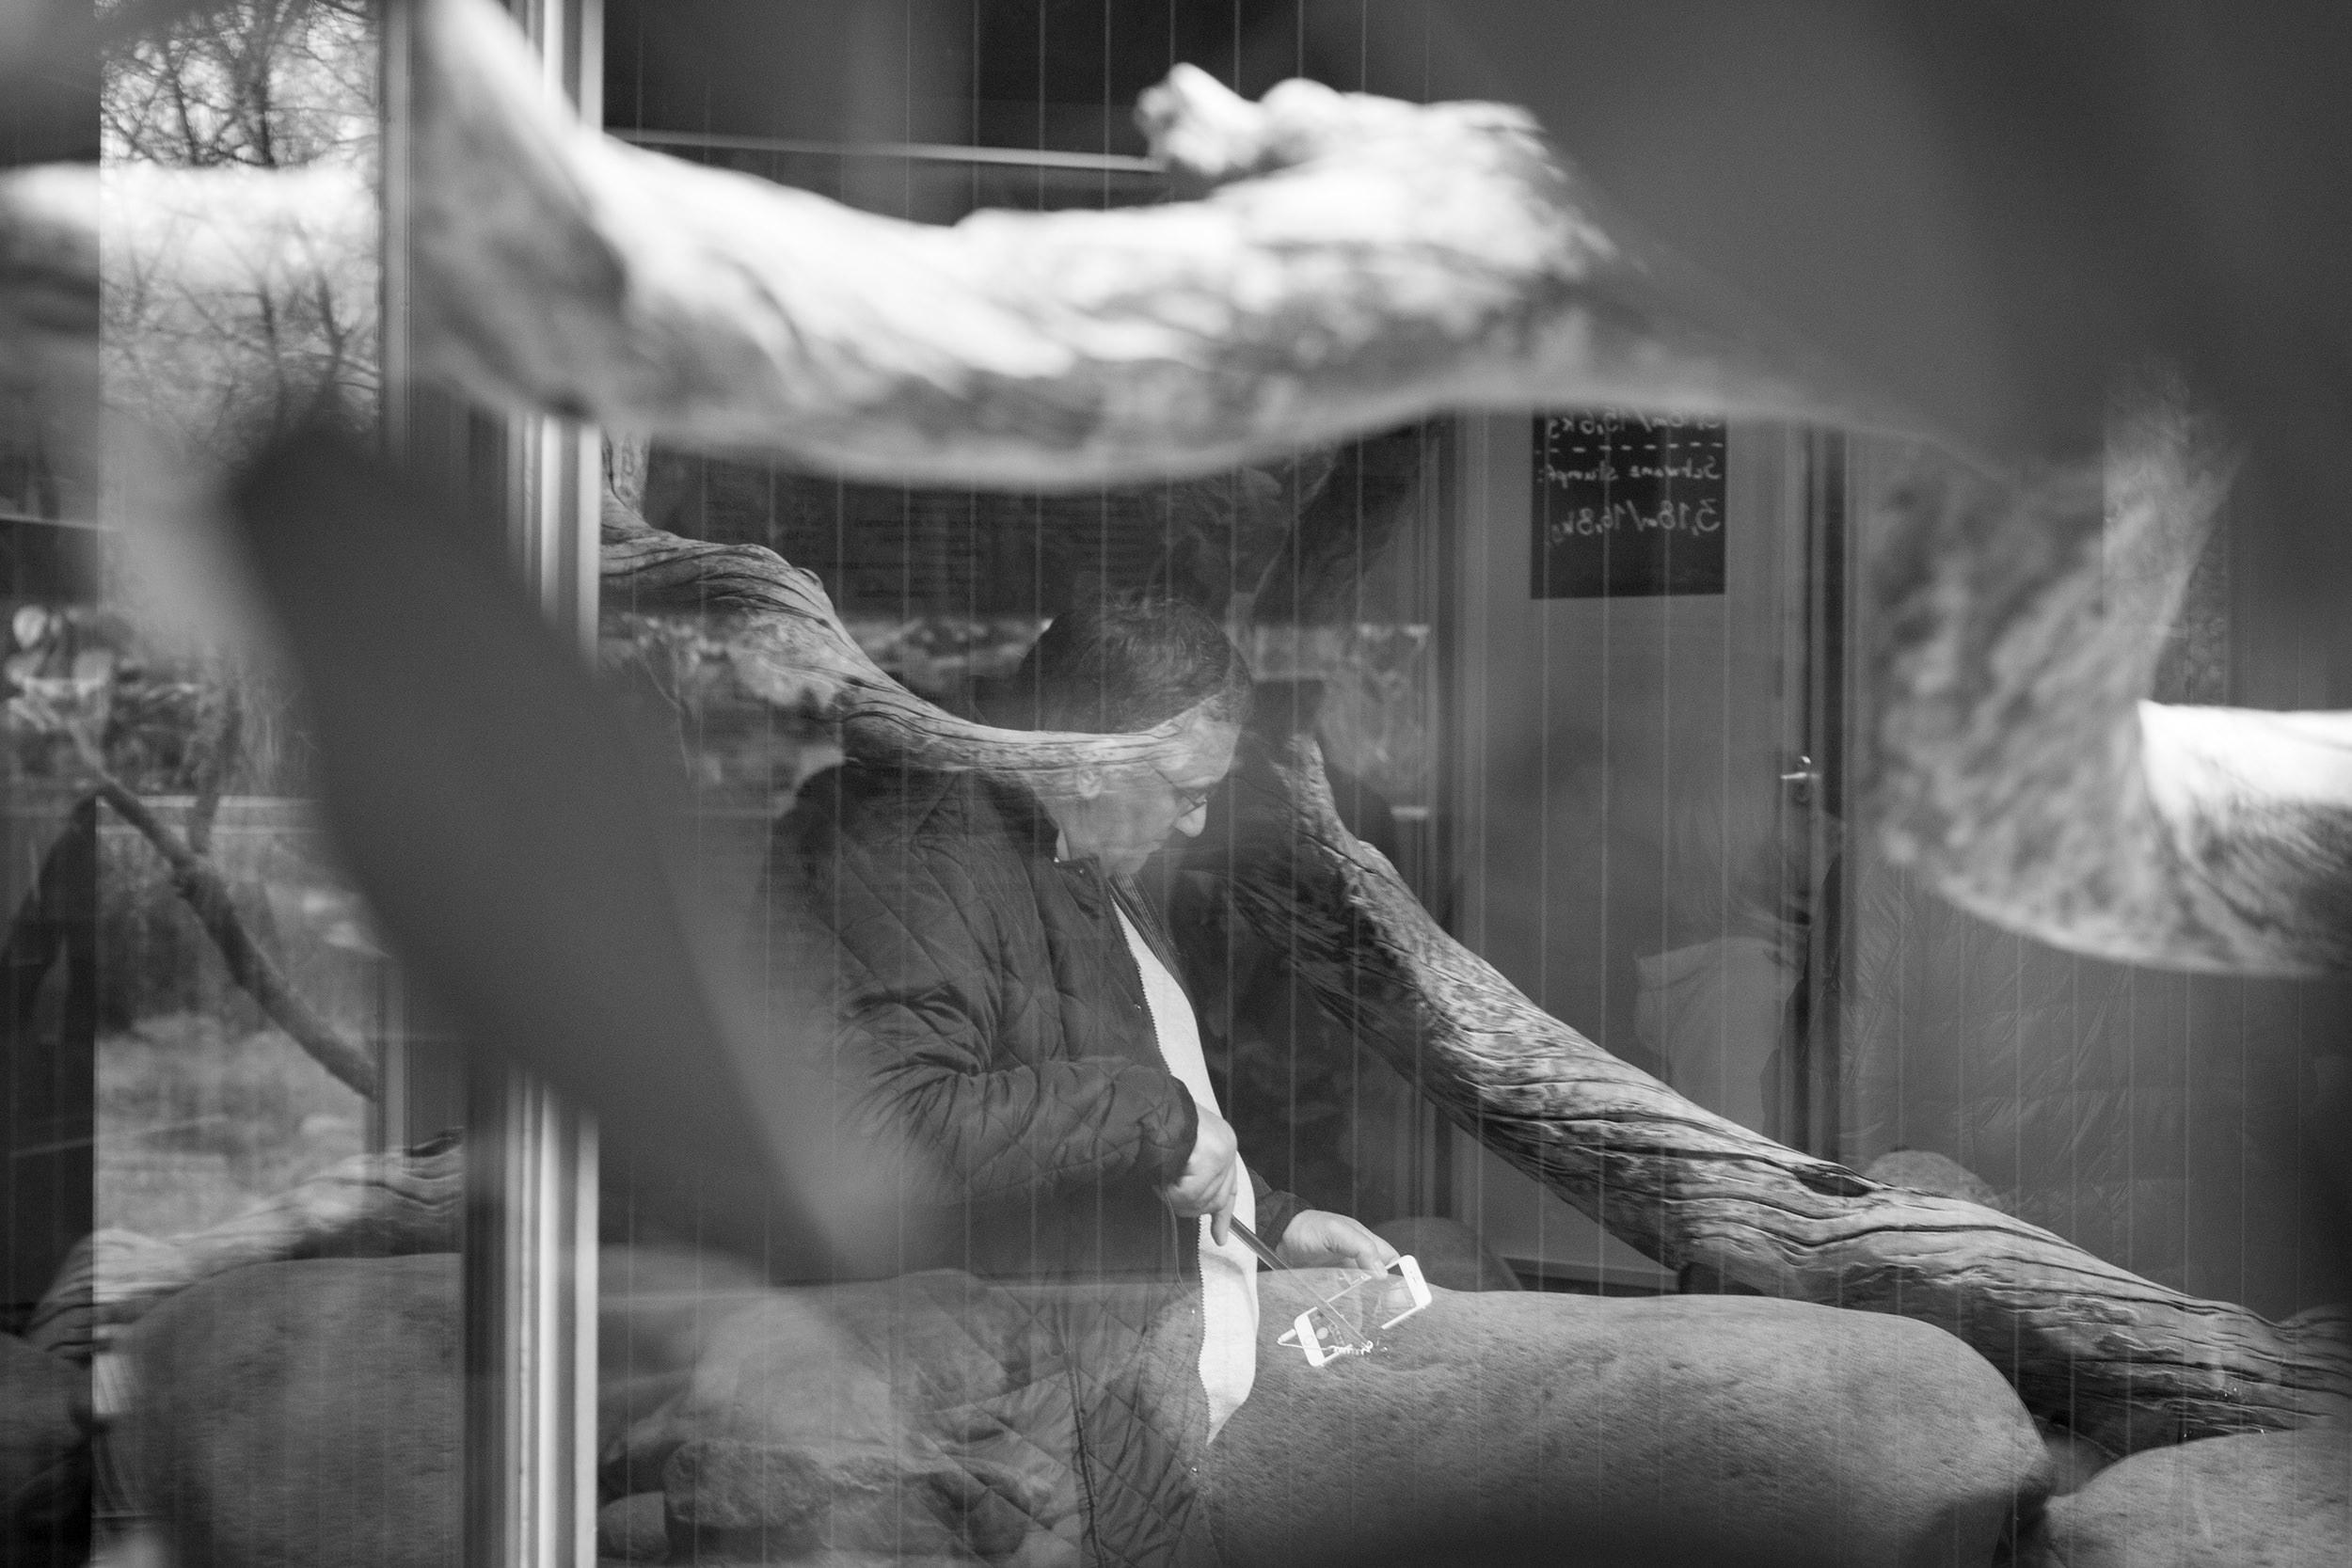 Reflexionen im Fenster eines Terrariums, welchen einen Mann teilweise verdecken.